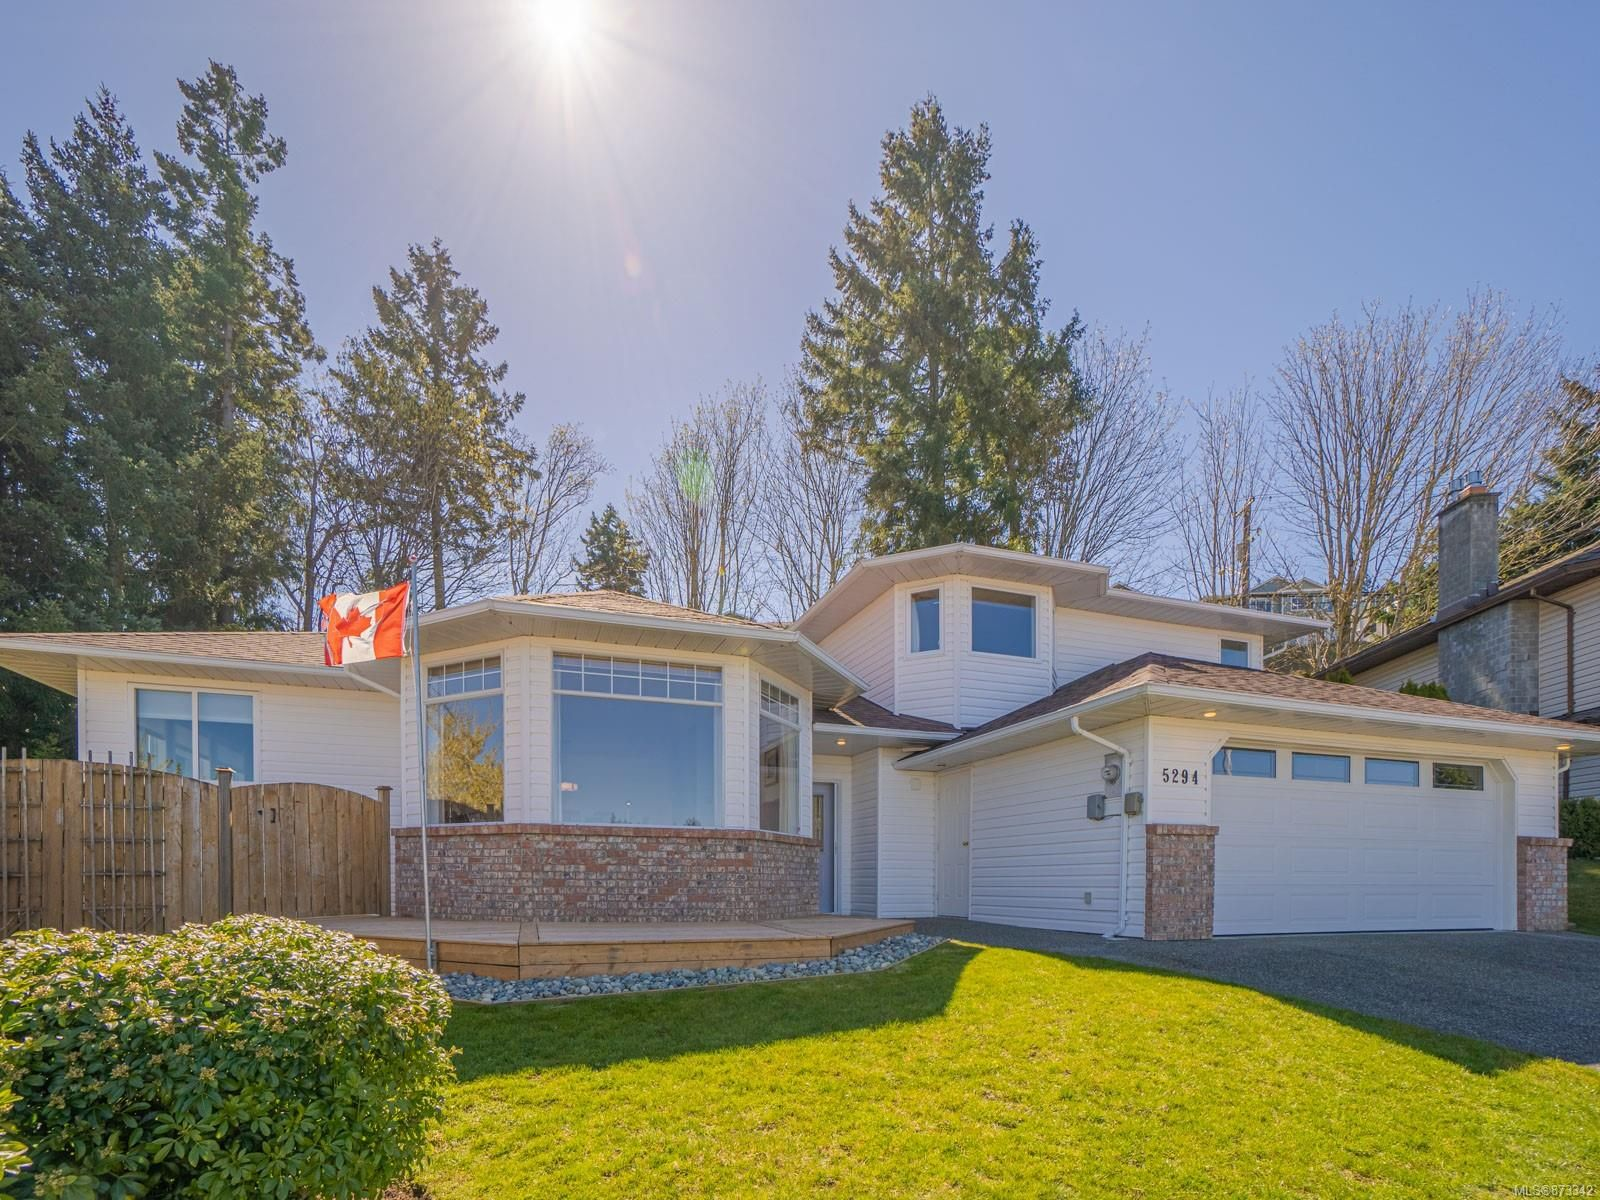 Photo 3: Photos: 5294 Catalina Dr in : Na North Nanaimo House for sale (Nanaimo)  : MLS®# 873342